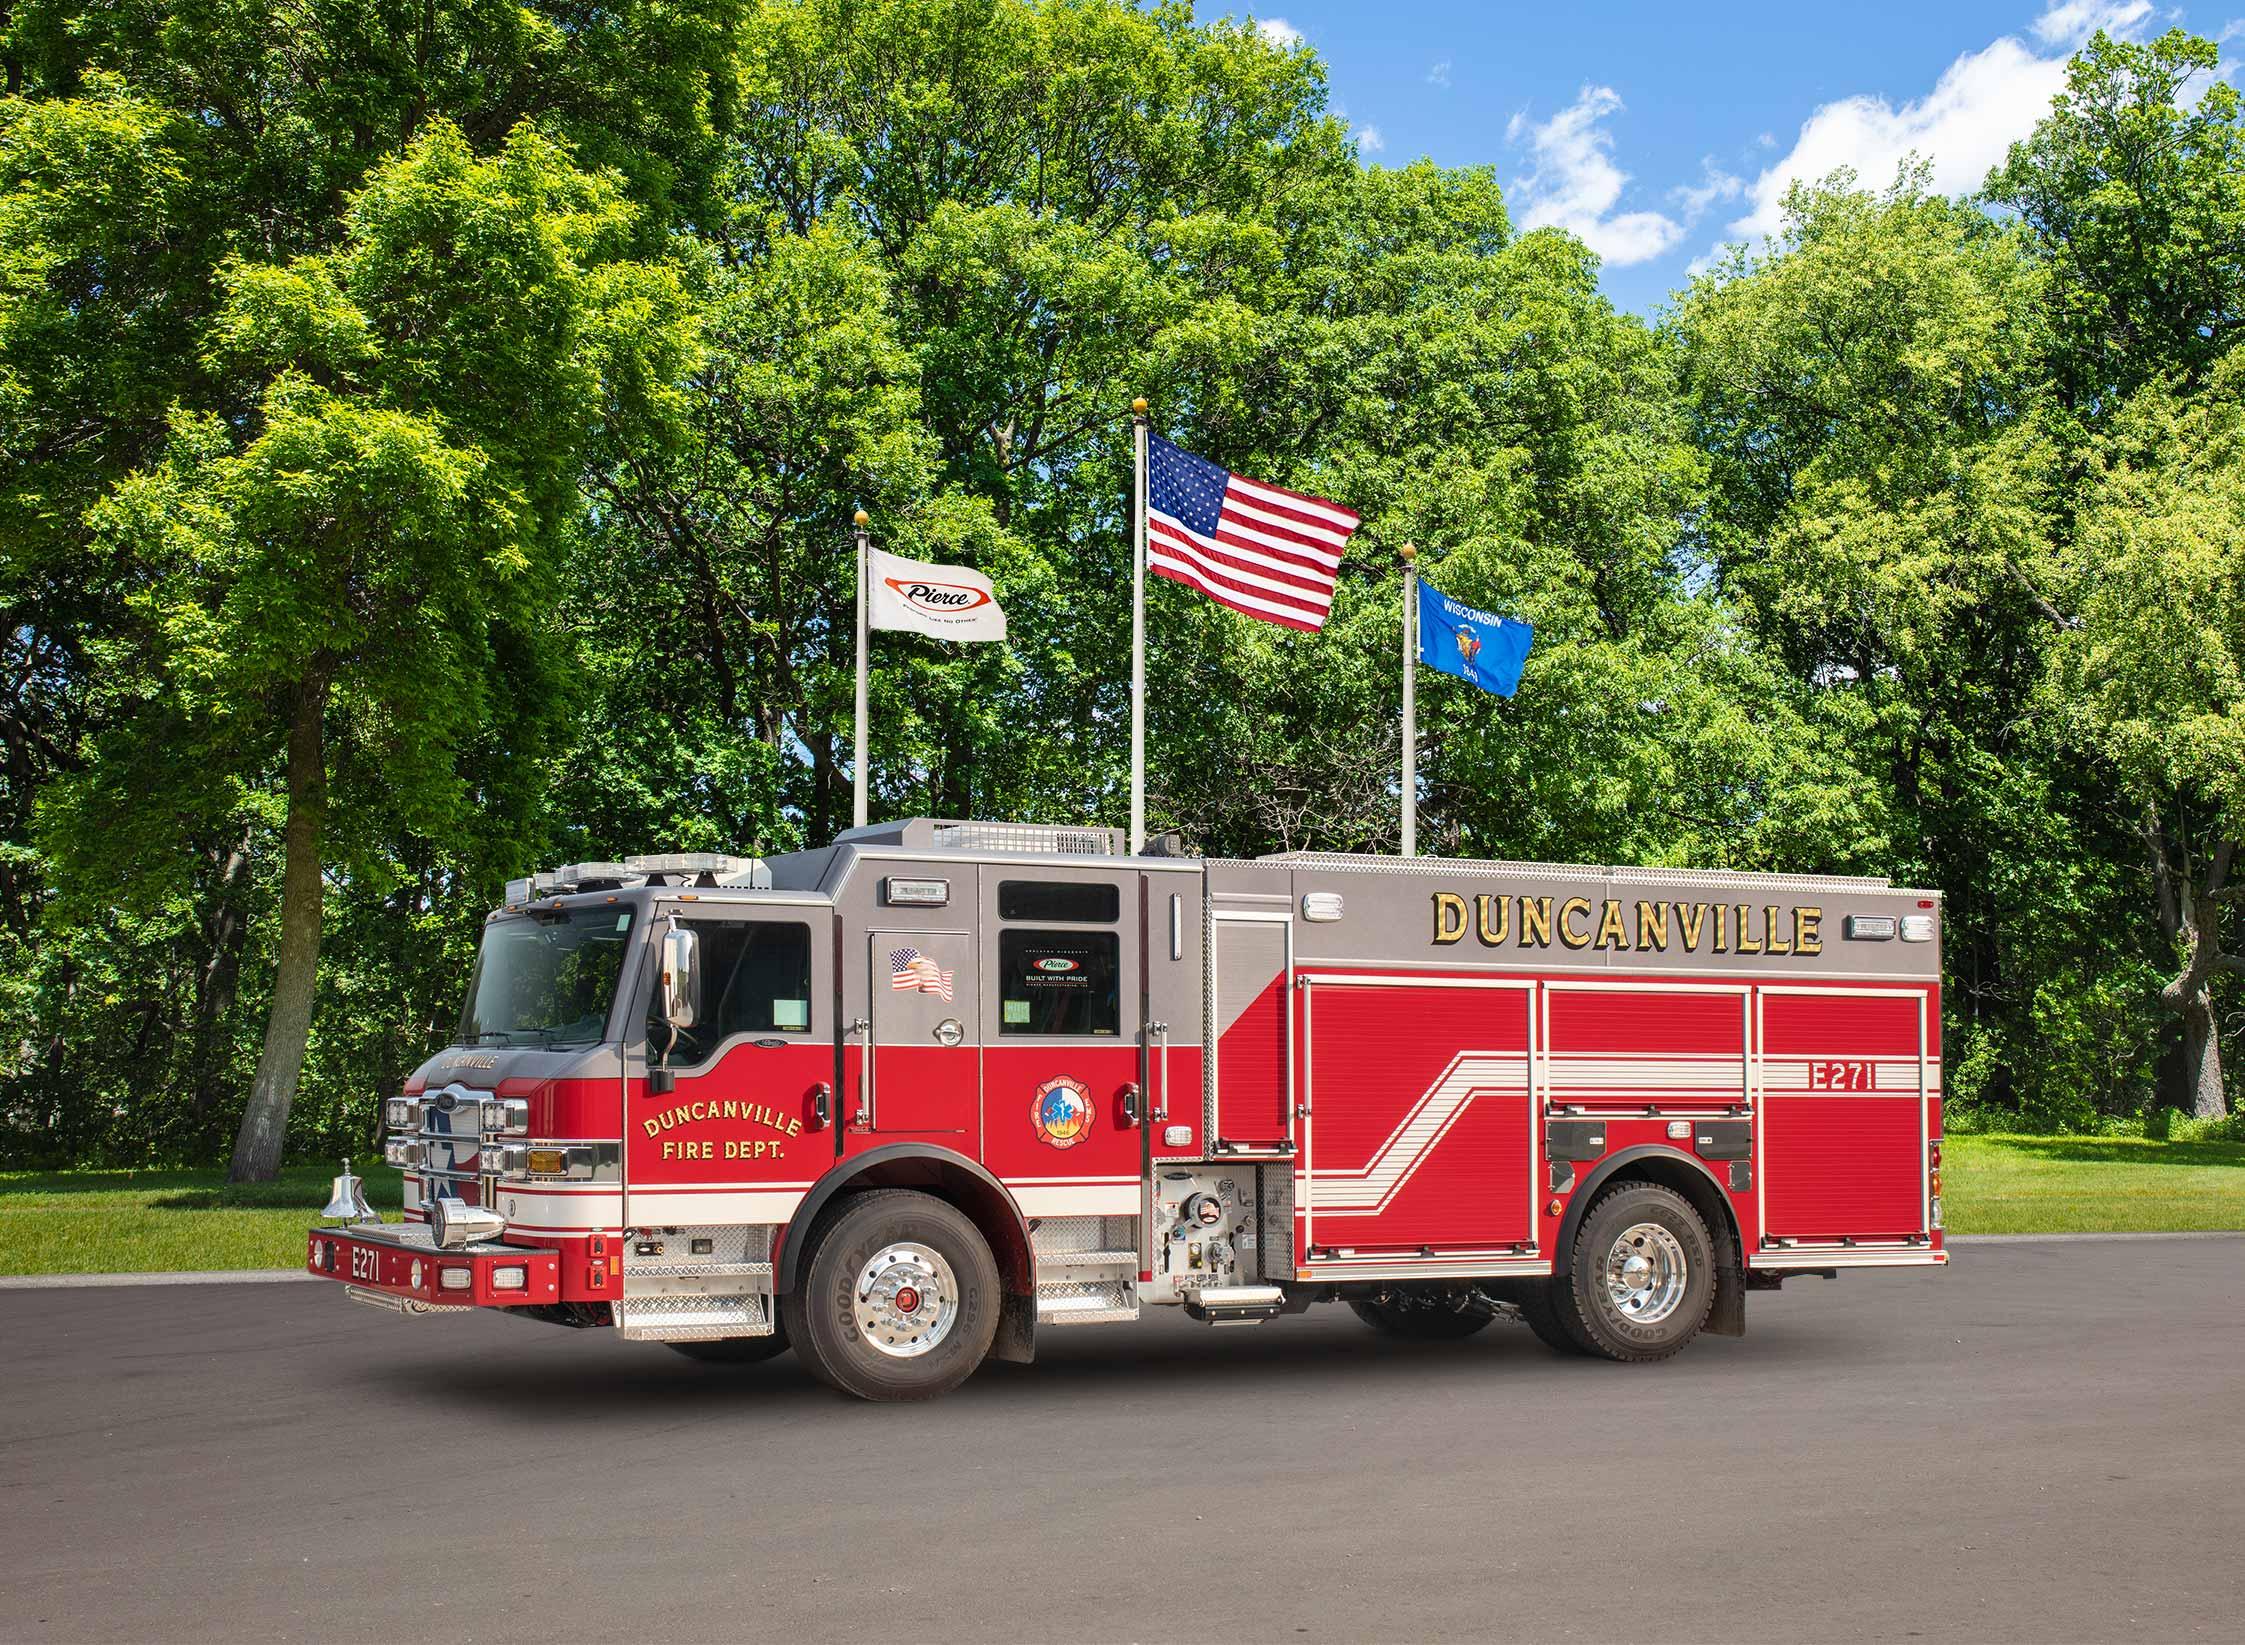 Duncanville Fire Department - Pumper